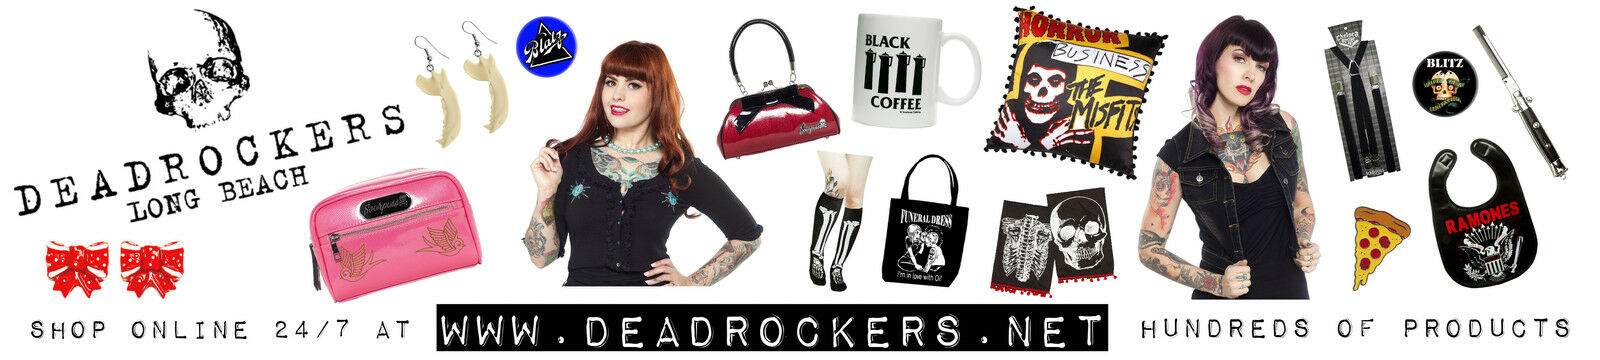 DeadRockersStore